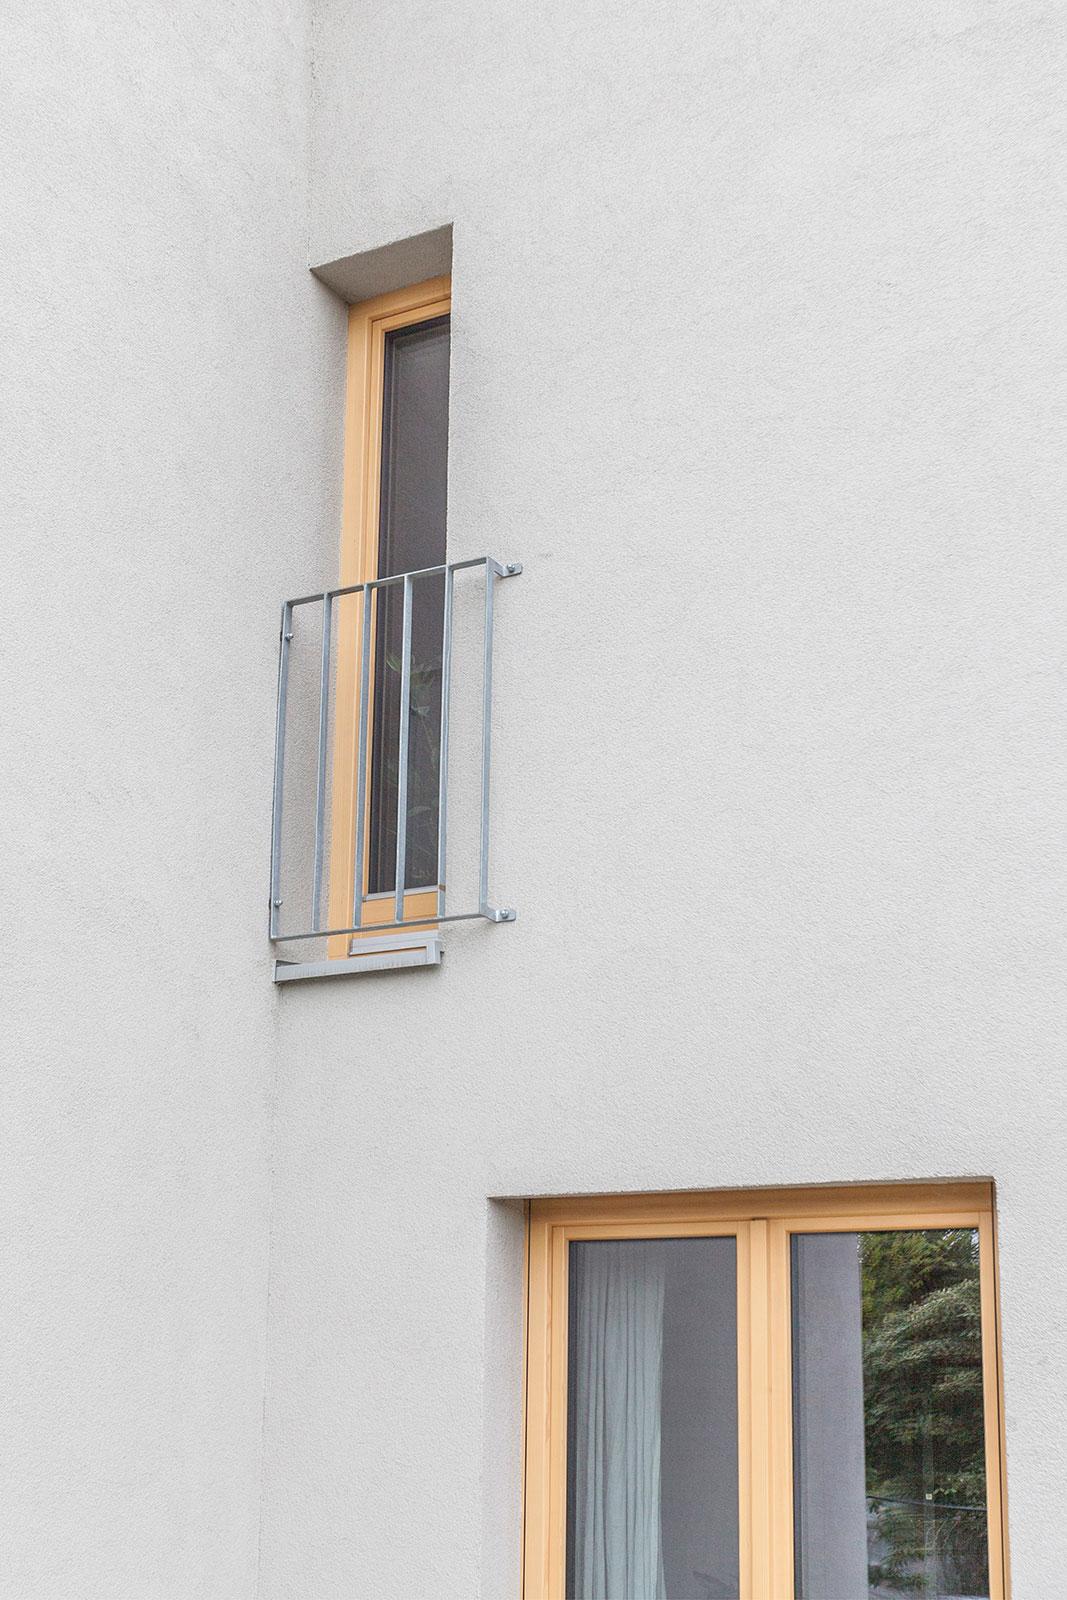 Full Size of Fenster Dreifachverglasung Preise Preis Schallschutz Kosten Dreifach Verglaste Mit Rolladen Oder Zweifachverglasung Holzfenster Aus Fichte Schrgelementen Fenster Fenster Dreifachverglasung